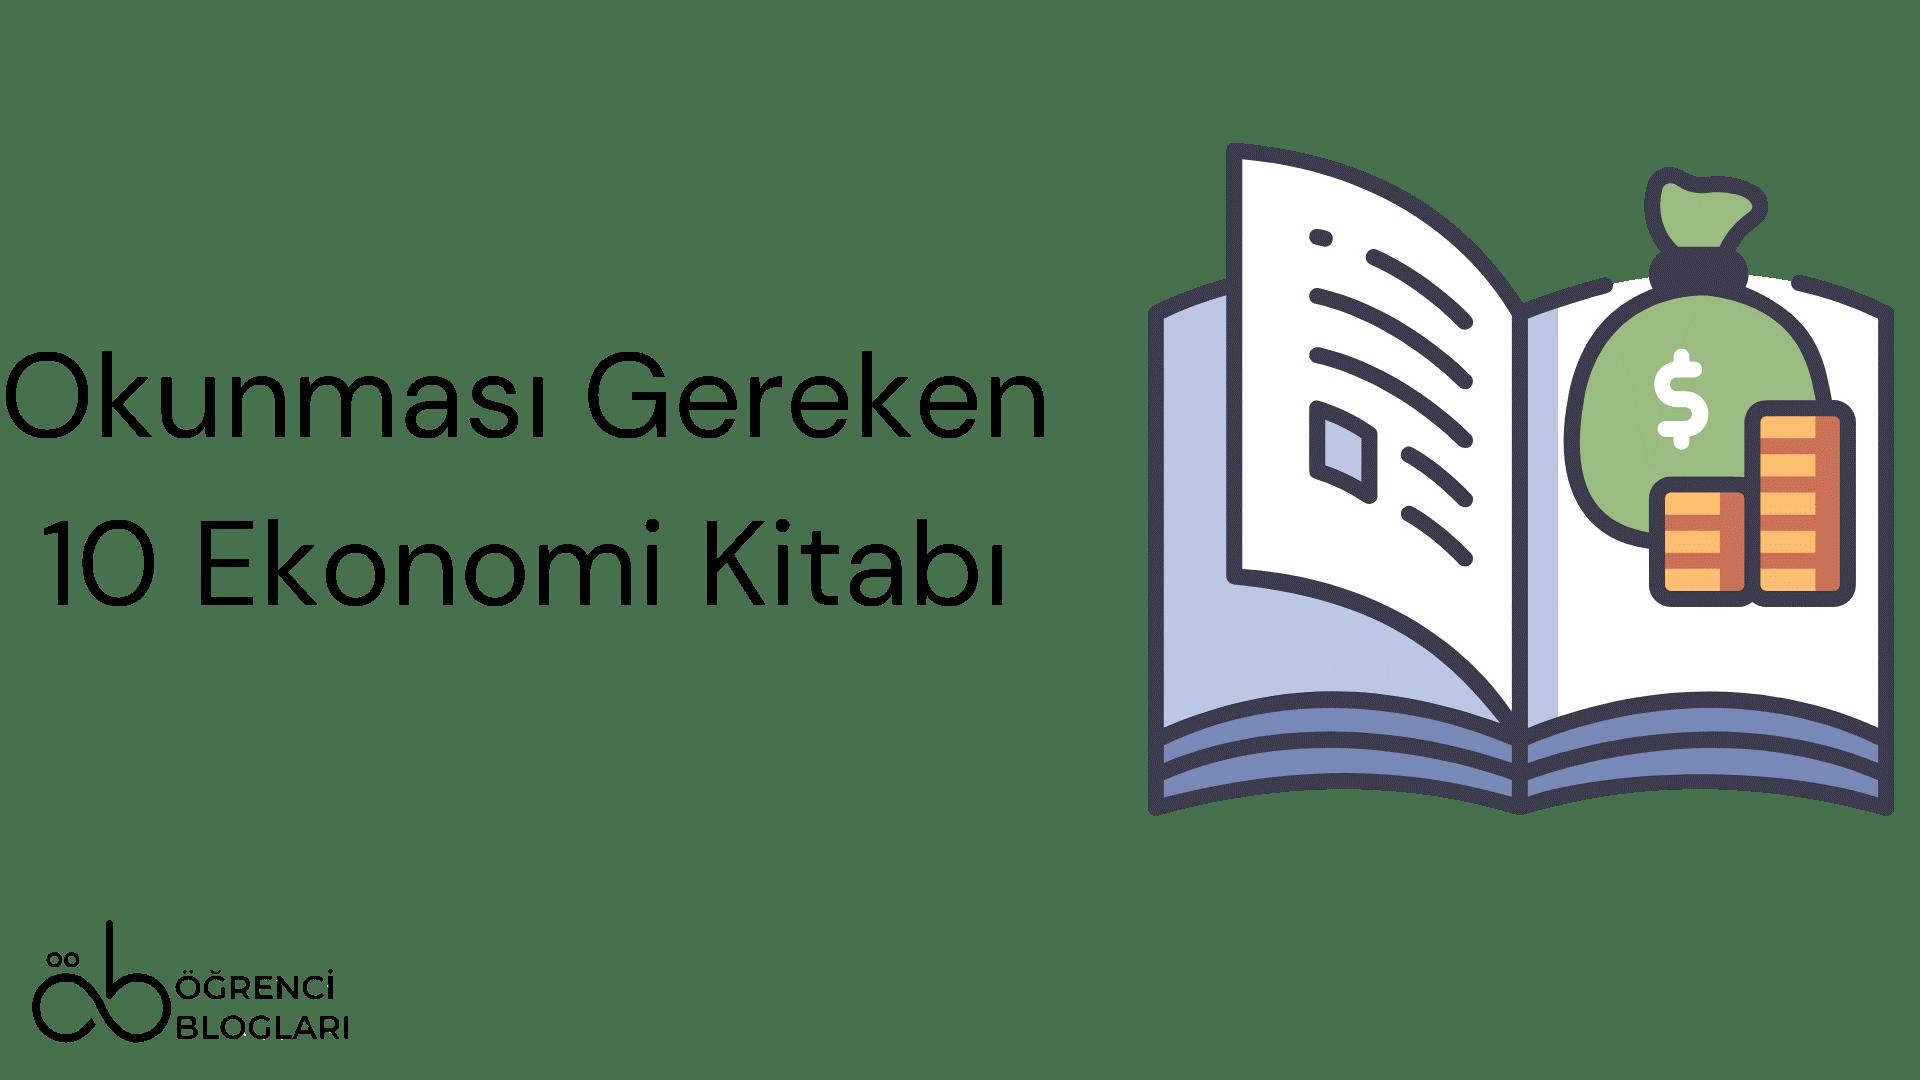 Okunması gereken 10 ekonomi kitabı